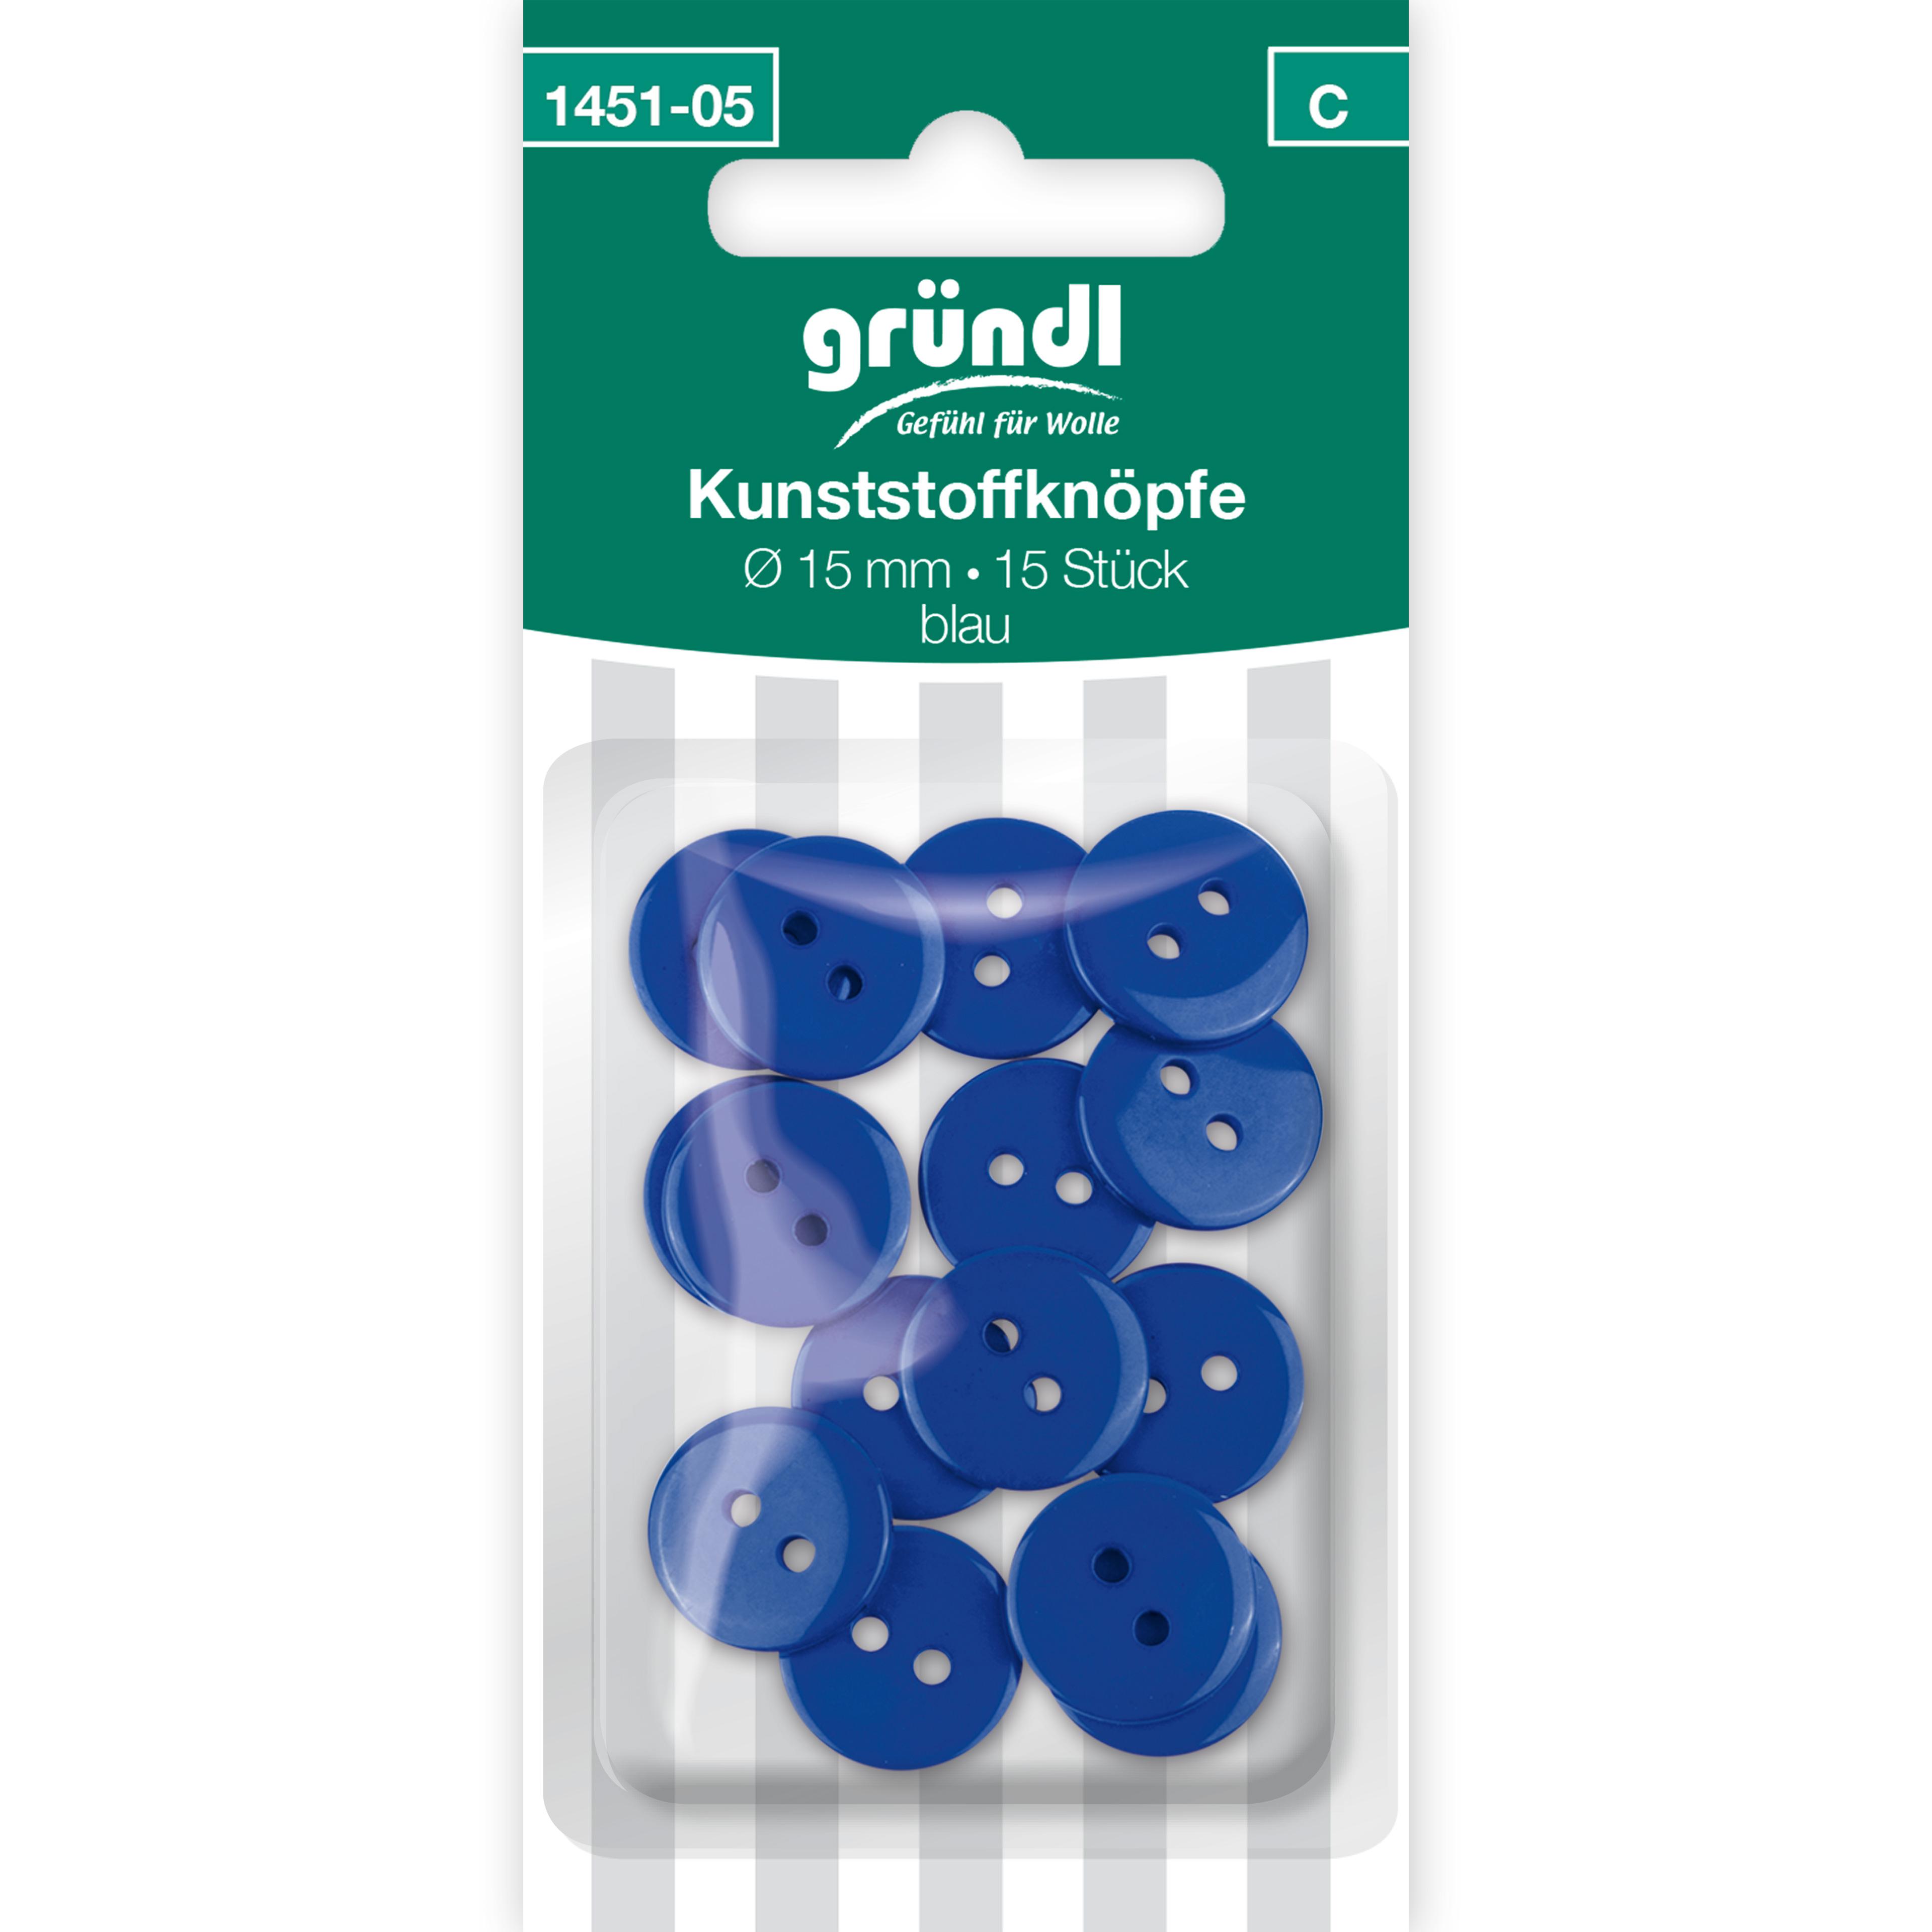 Kunststoffknöpfe, 15 Stück - blau